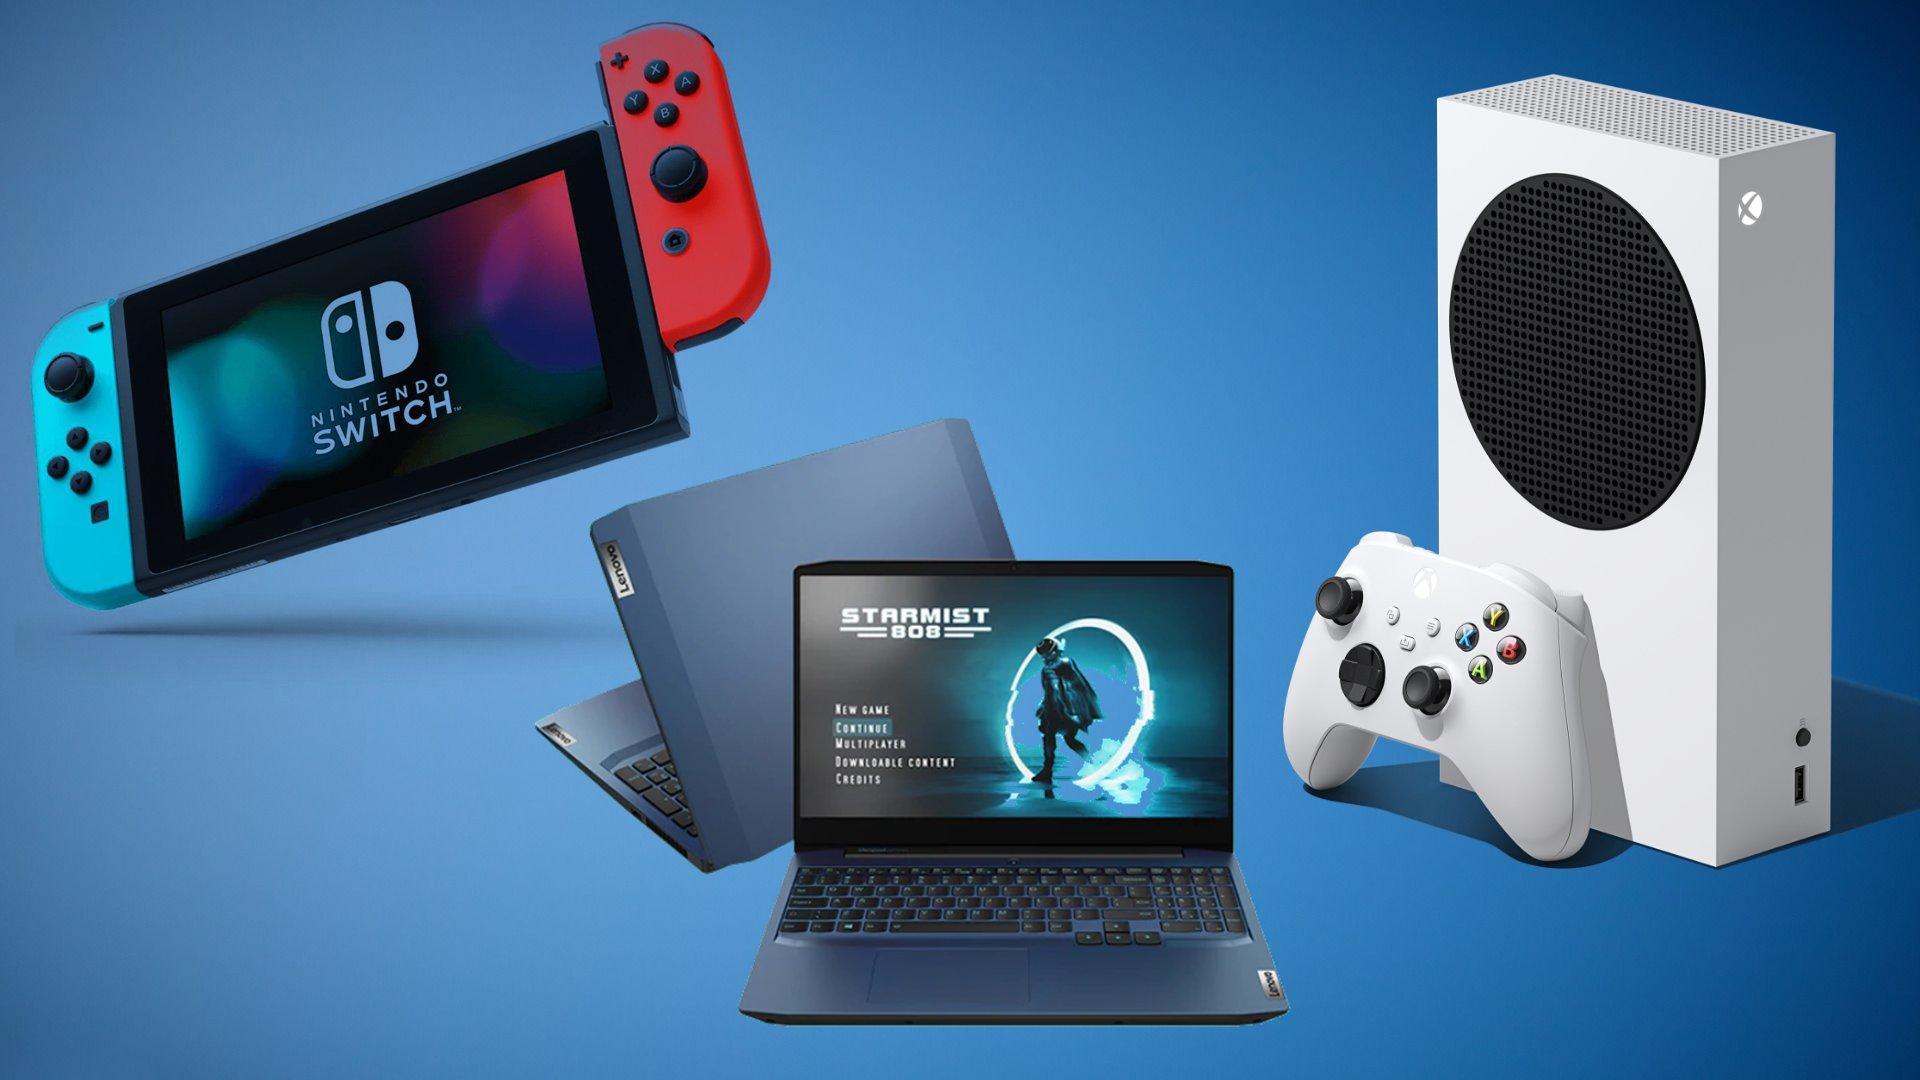 Fundo degradê azul; no primeiro plano, nintendo switch, notebook lenovo e xbox series s.